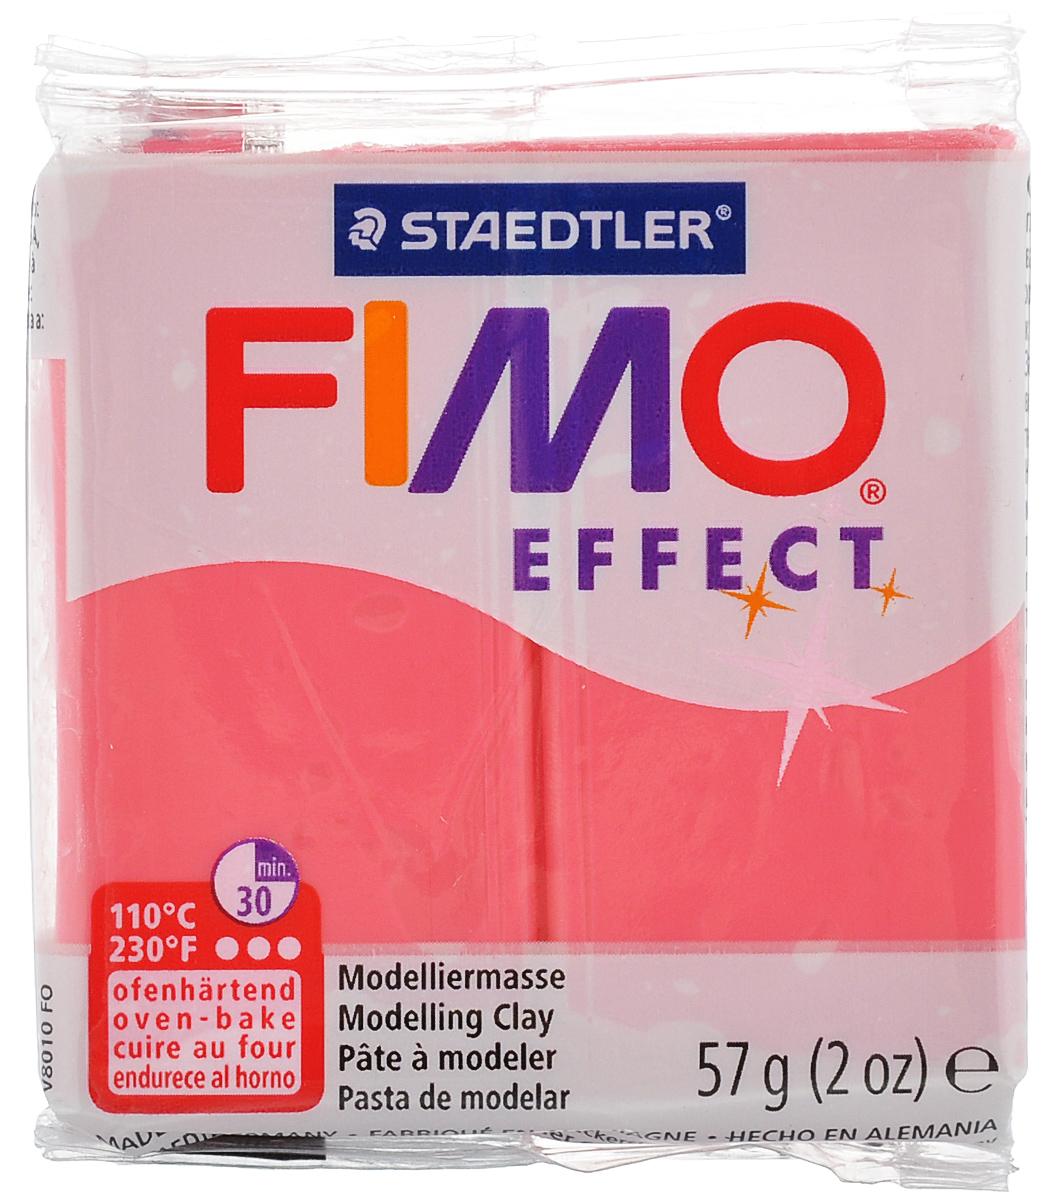 Полимерная глина Fimo Effect, цвет: полупрозрачный красный, 56 г8020-204Полимерная глина Fimo Effect - мягкая глина на полимерной основе (пластик) идеально подходит для лепки небольших изделий (украшений, скульптурок, кукол) и для моделирования. Глина обладает отличными пластичными свойствами, хорошо размягчается и лепится, легко смешивается между собой, благодаря чему можно создать огромное количество поделок любых цветов и оттенков. Блок поделен на восемь сегментов, что позволяет легче разделять глину на порции. В домашних условиях готовая поделка выпекается в духовом шкафу при температуре 110°С в течение 15-30 минут в зависимости от величины изделия. Отвердевшие изделия могут быть раскрашены акриловыми красками, покрыты лаком, склеены друг с другом или с другими материалами.